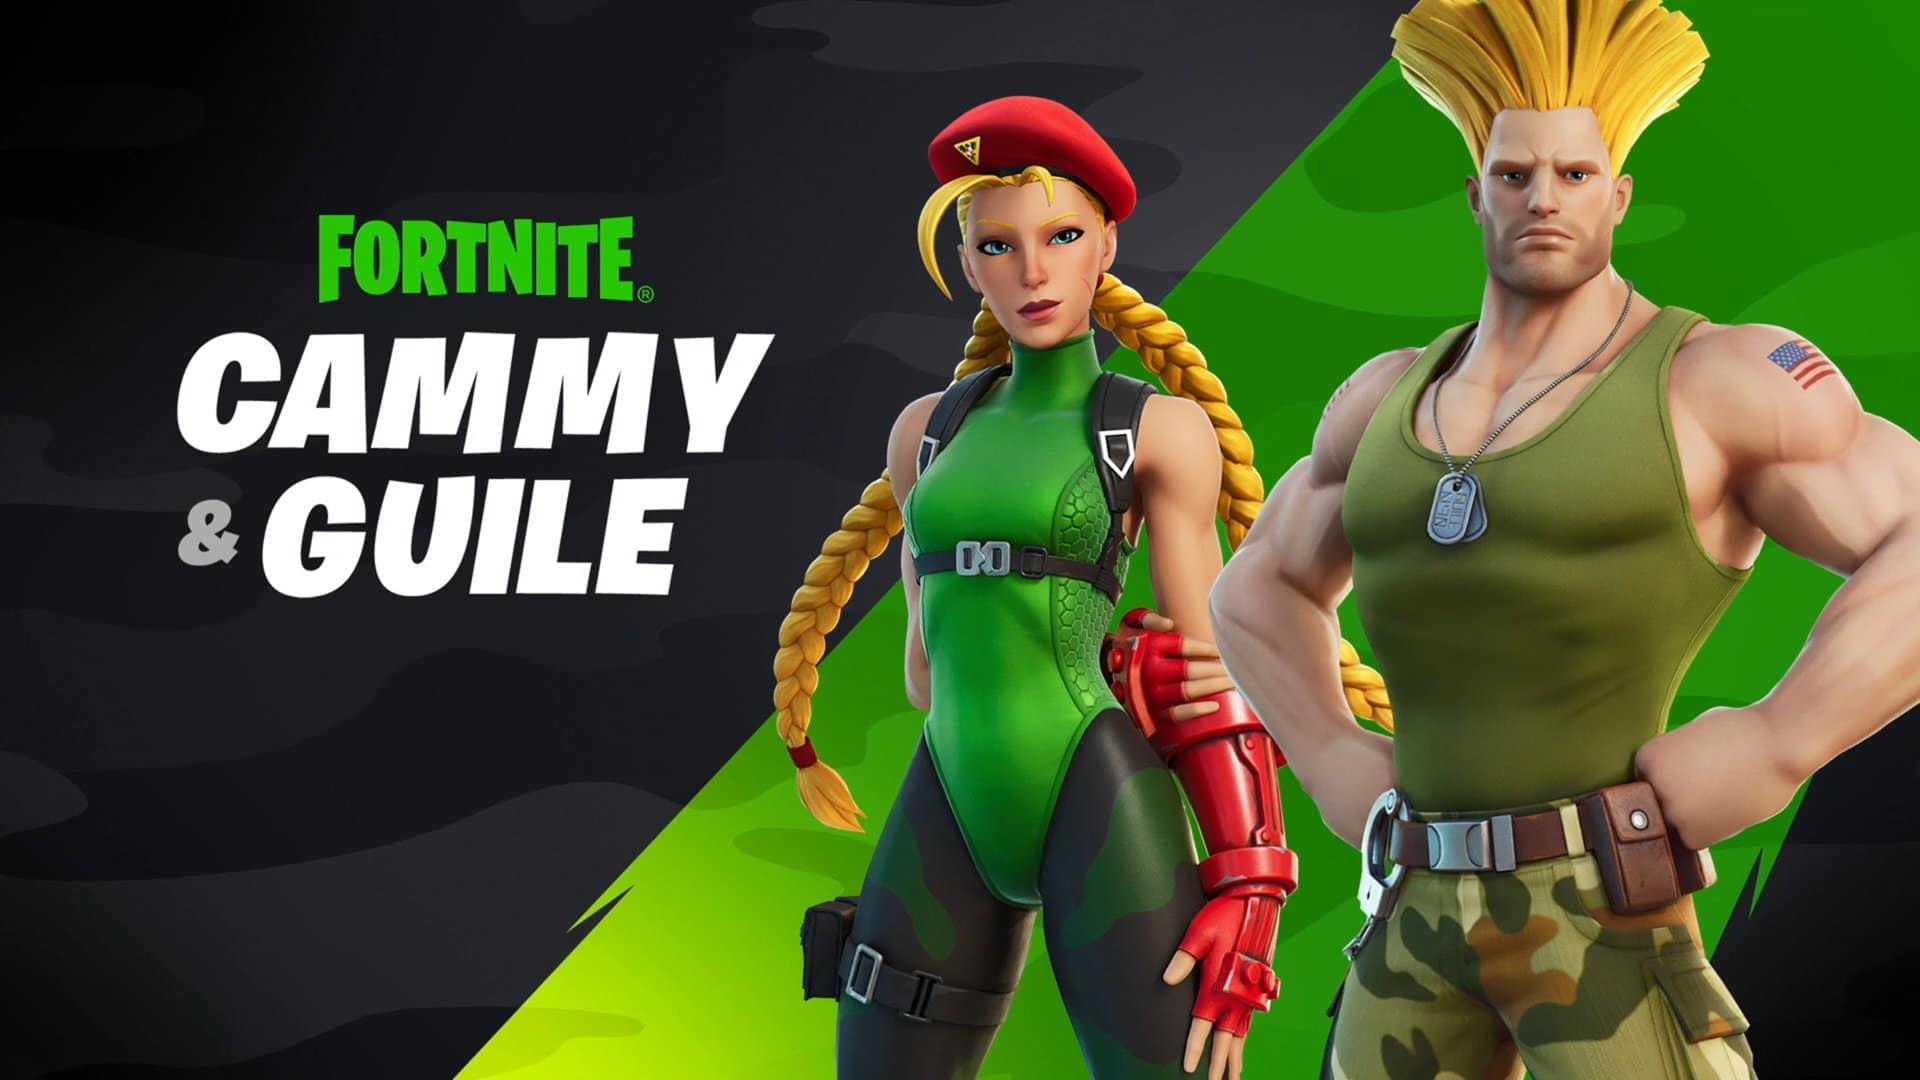 Cammy y Guile de Street Fighter se unen a Fortnite: todos los detalles